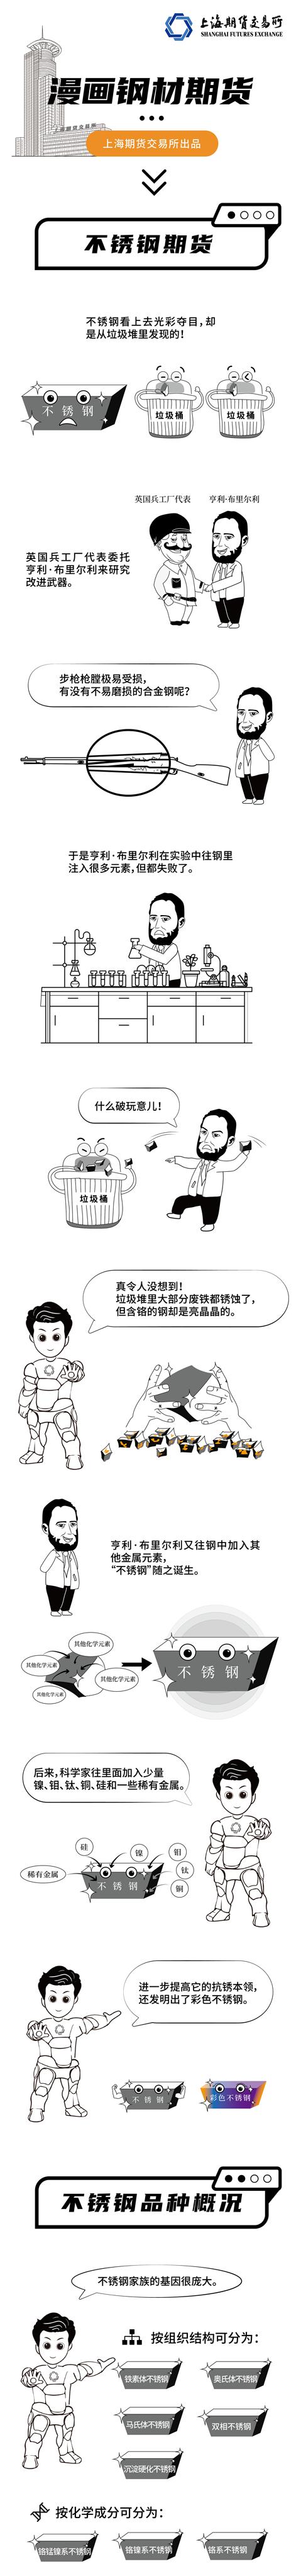 【上期所】漫画钢材期货:不锈钢期货